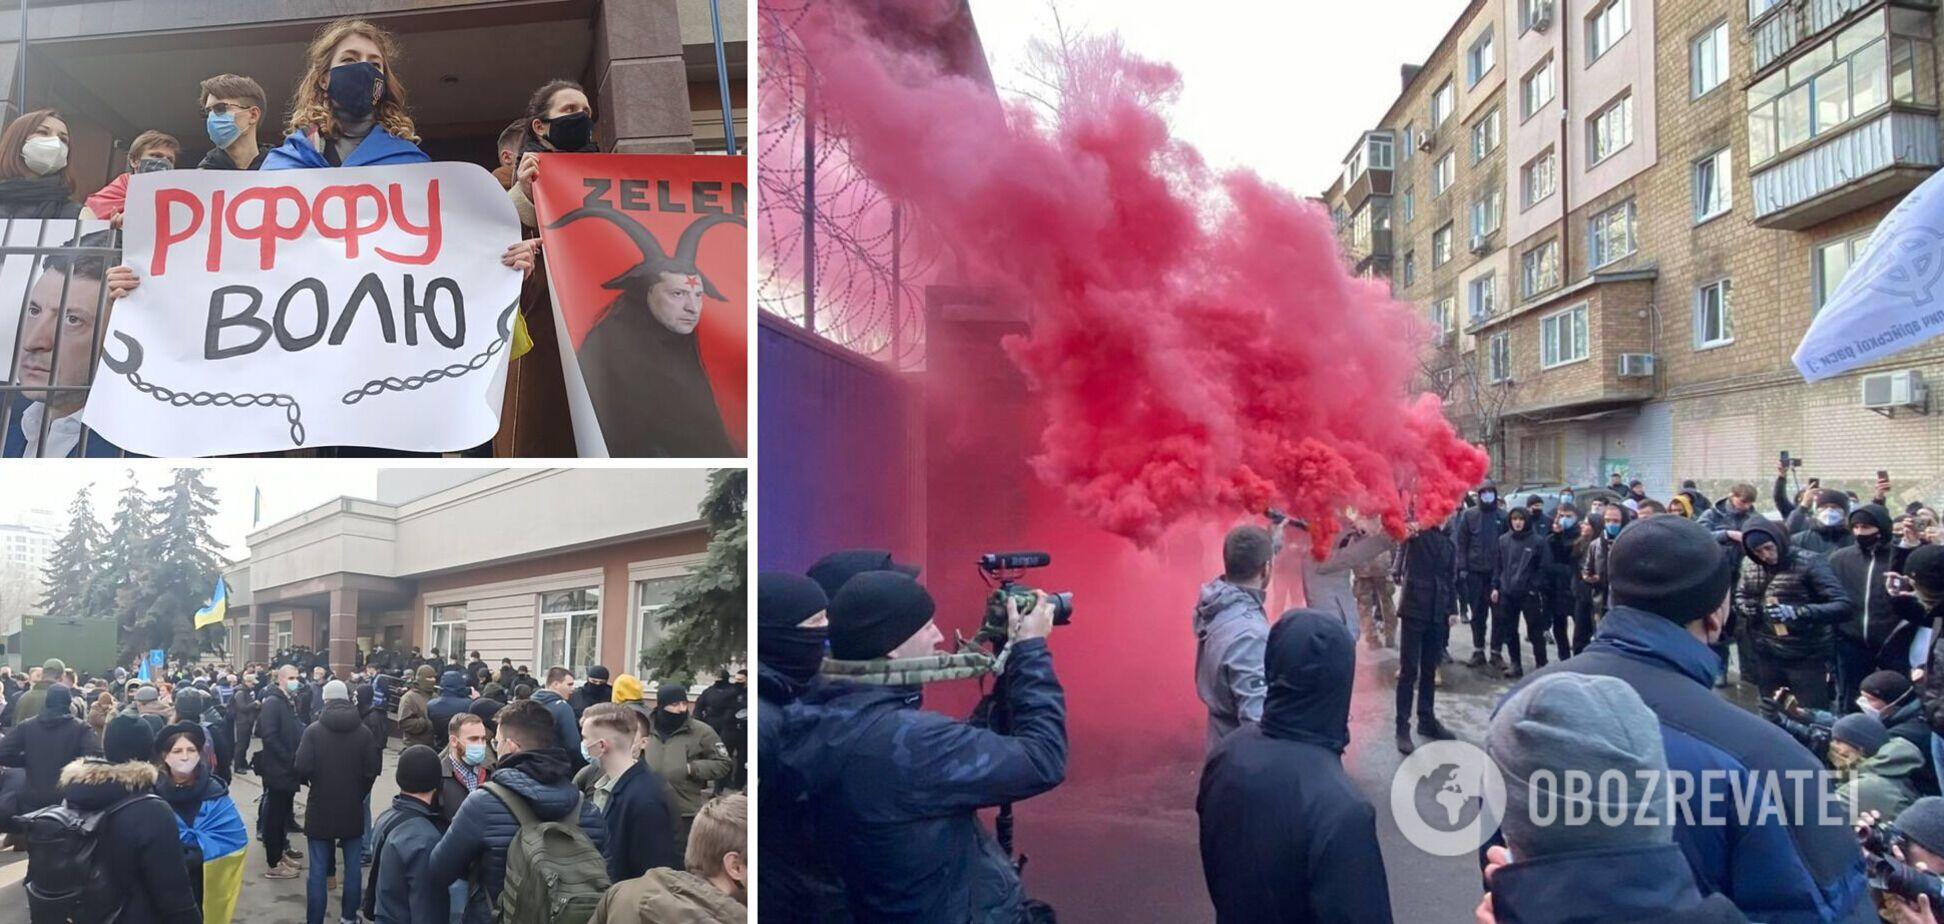 Прихильники Антоненка влаштували марш і акцію під СІЗО: суд не відбувся. Фото та відео